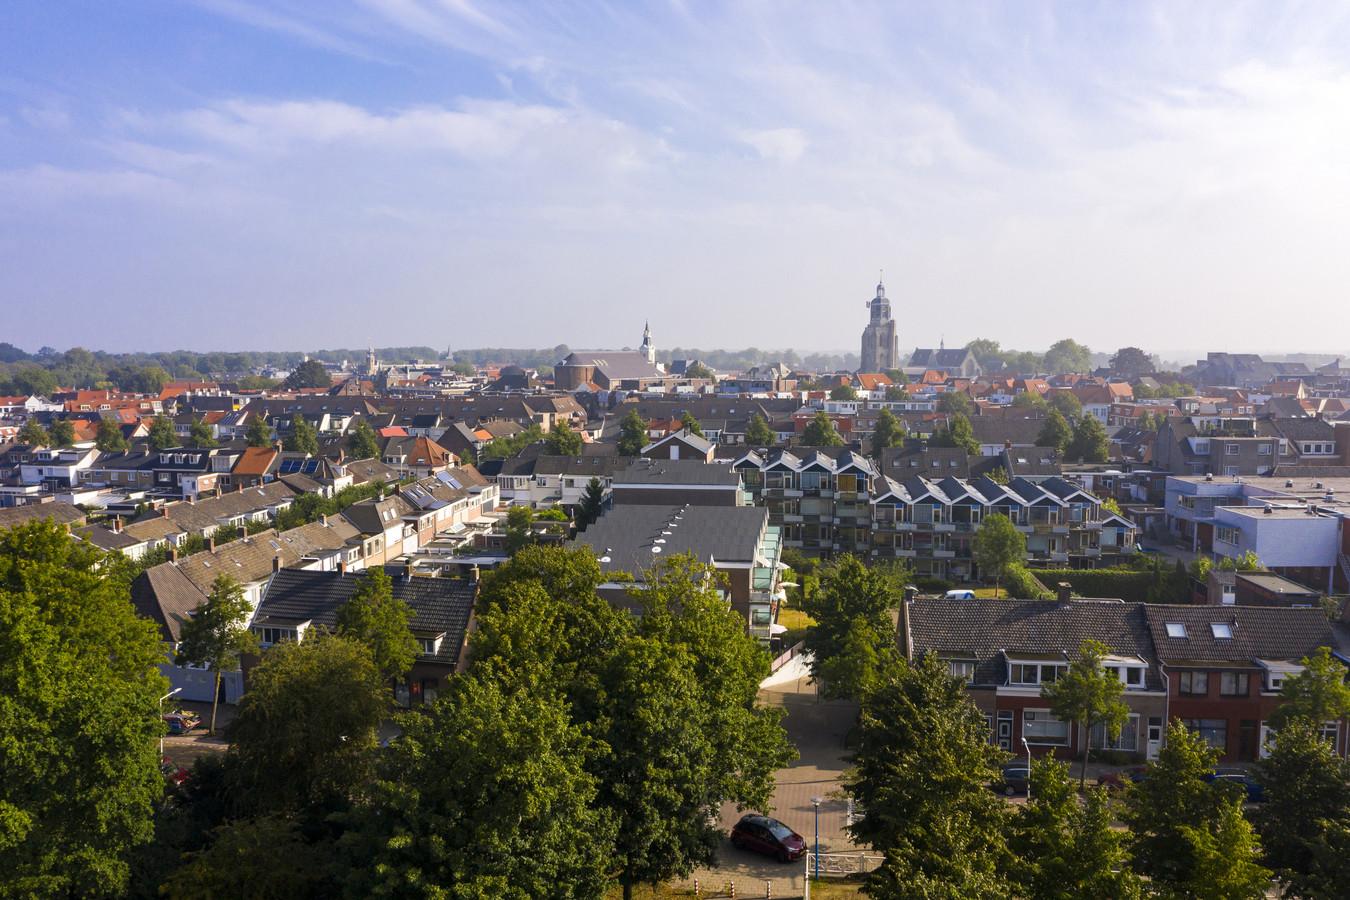 De enorme bezuinigingen raken alles en iedereen in Bergen op Zoom. De gemeenteraad staat voor moeilijke keuzes.